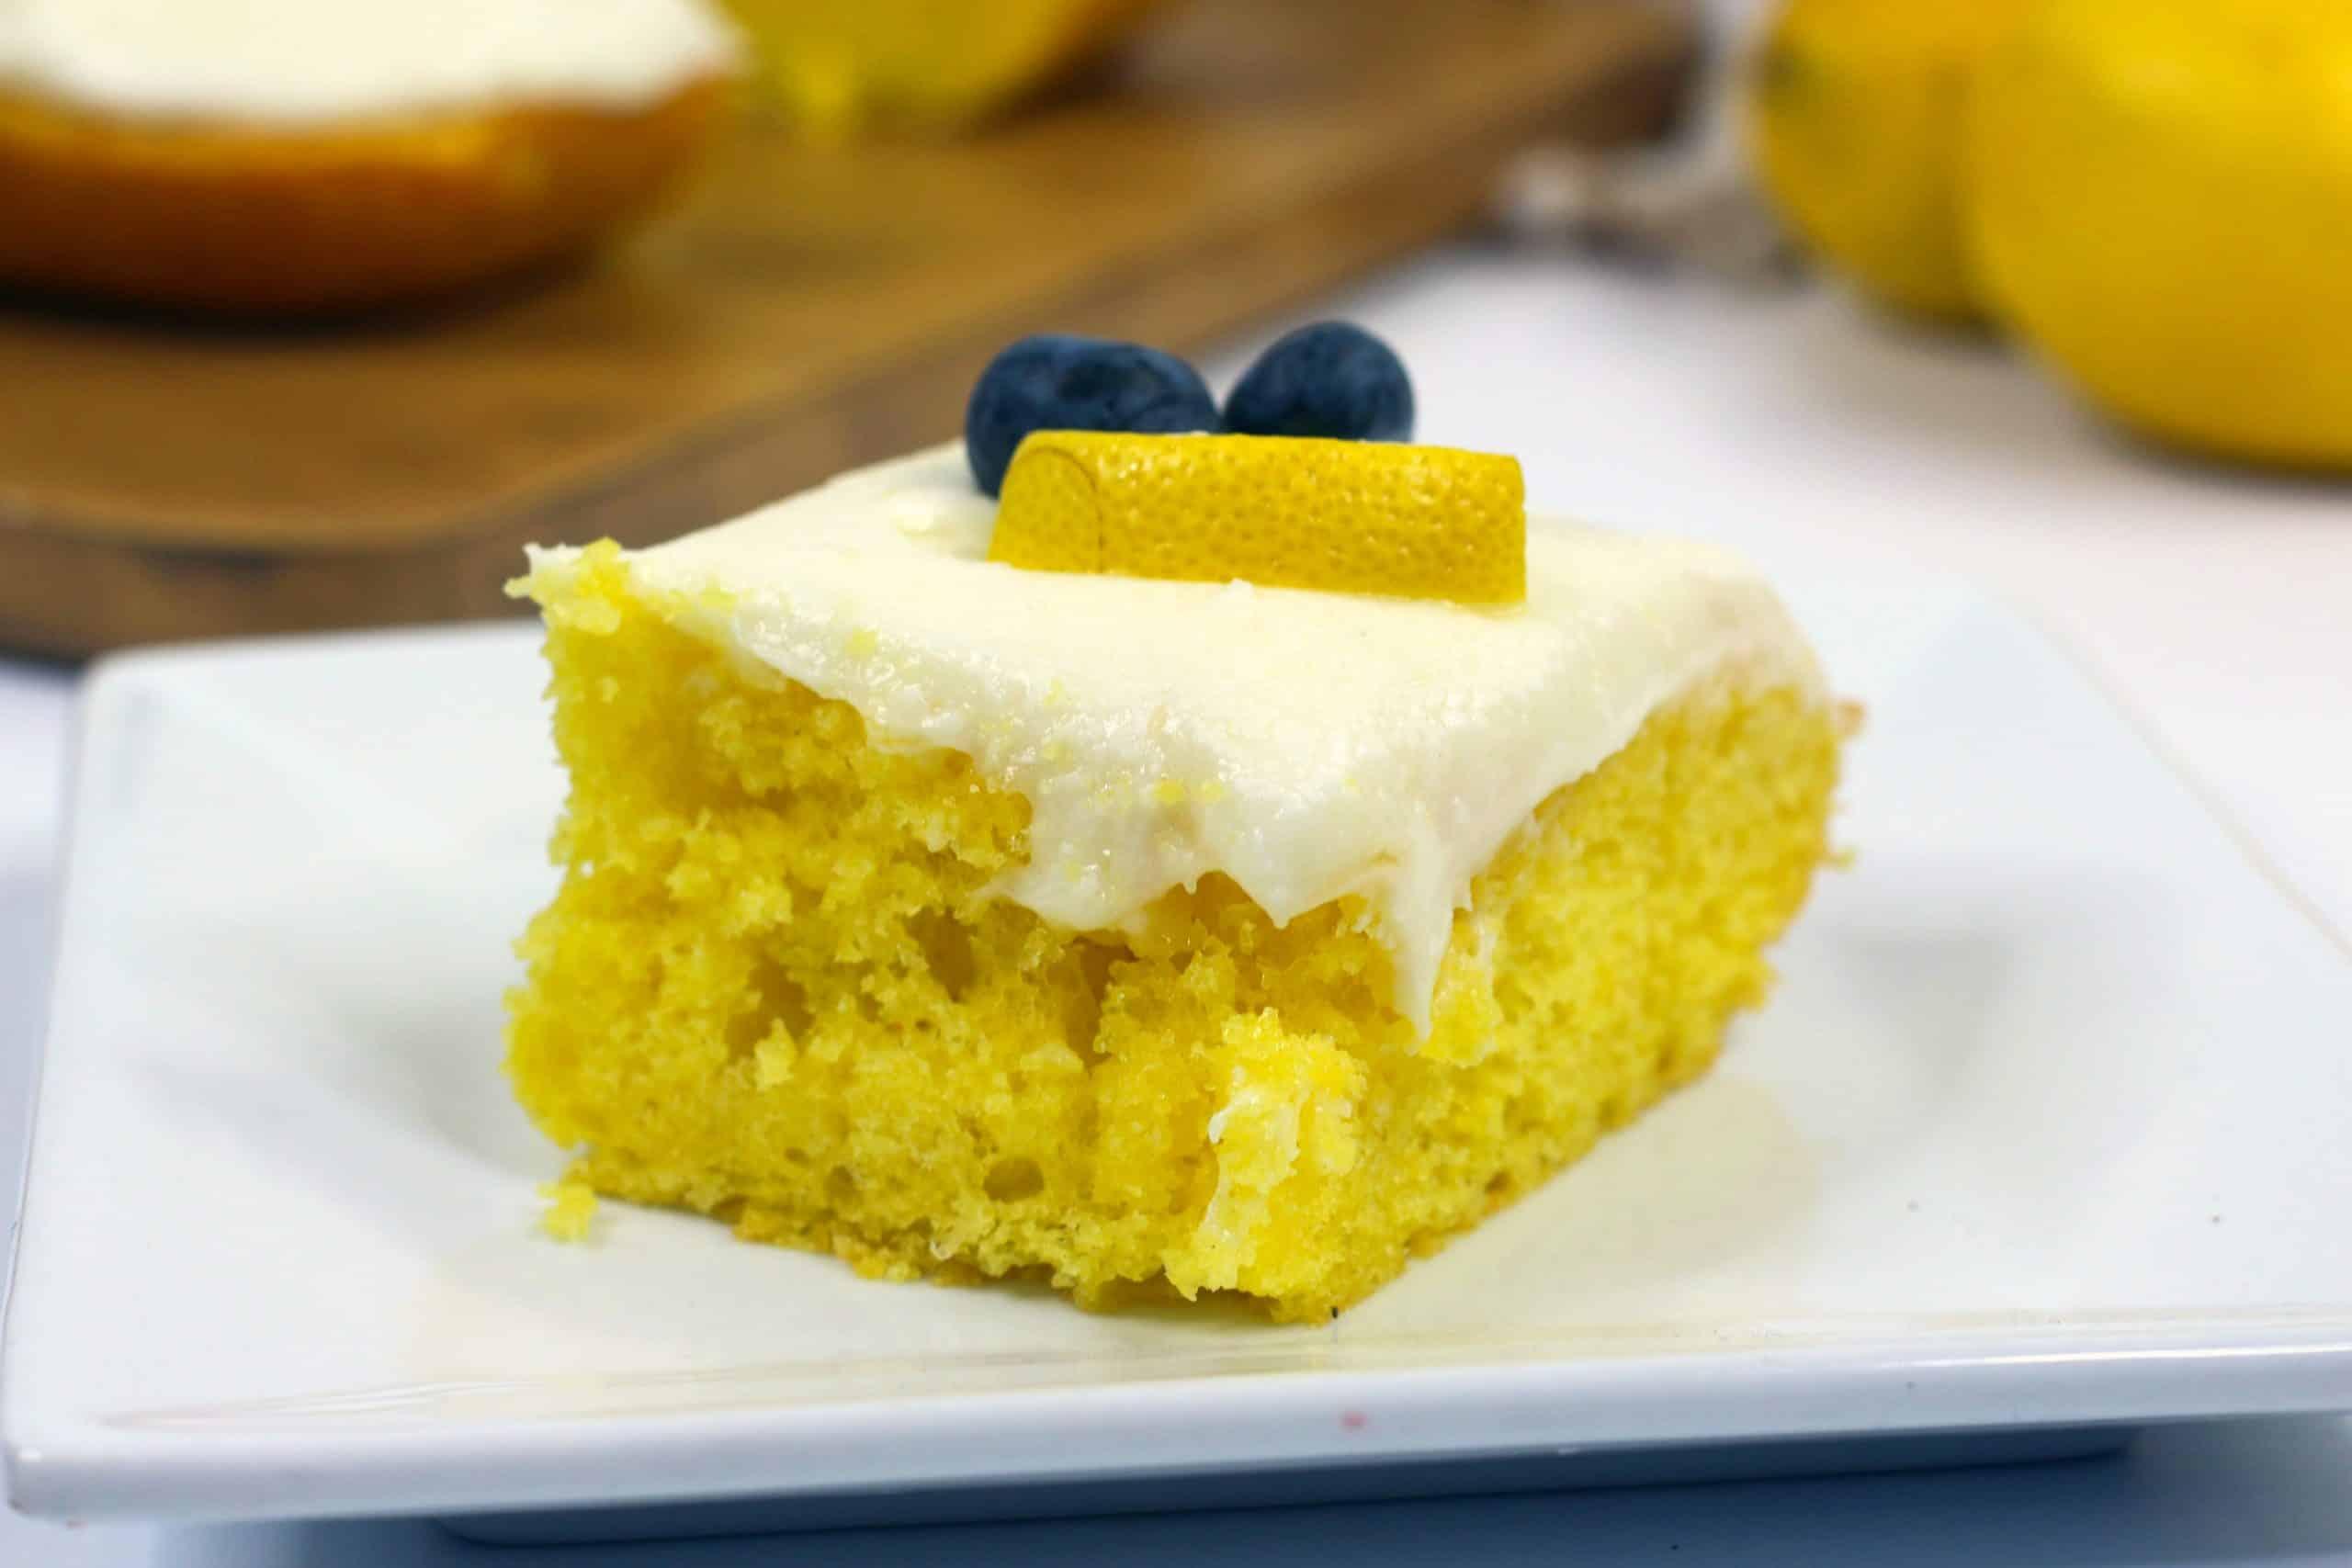 slice of ready to serve lemon cake